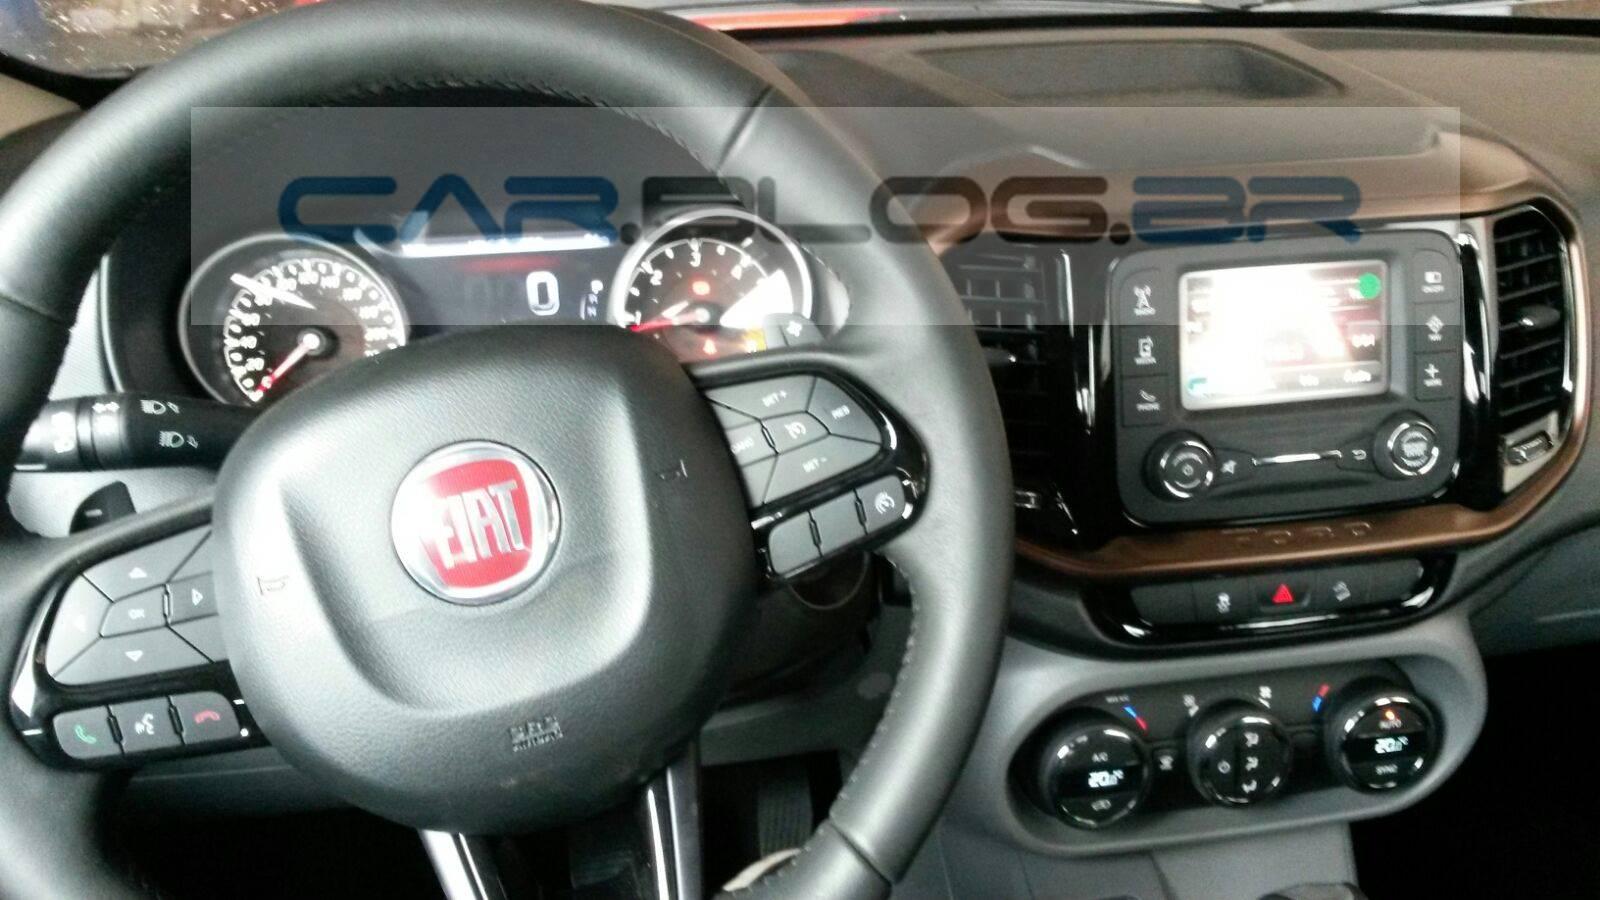 Fiat Toro 2.0 Diesel Volcano Automática - interior